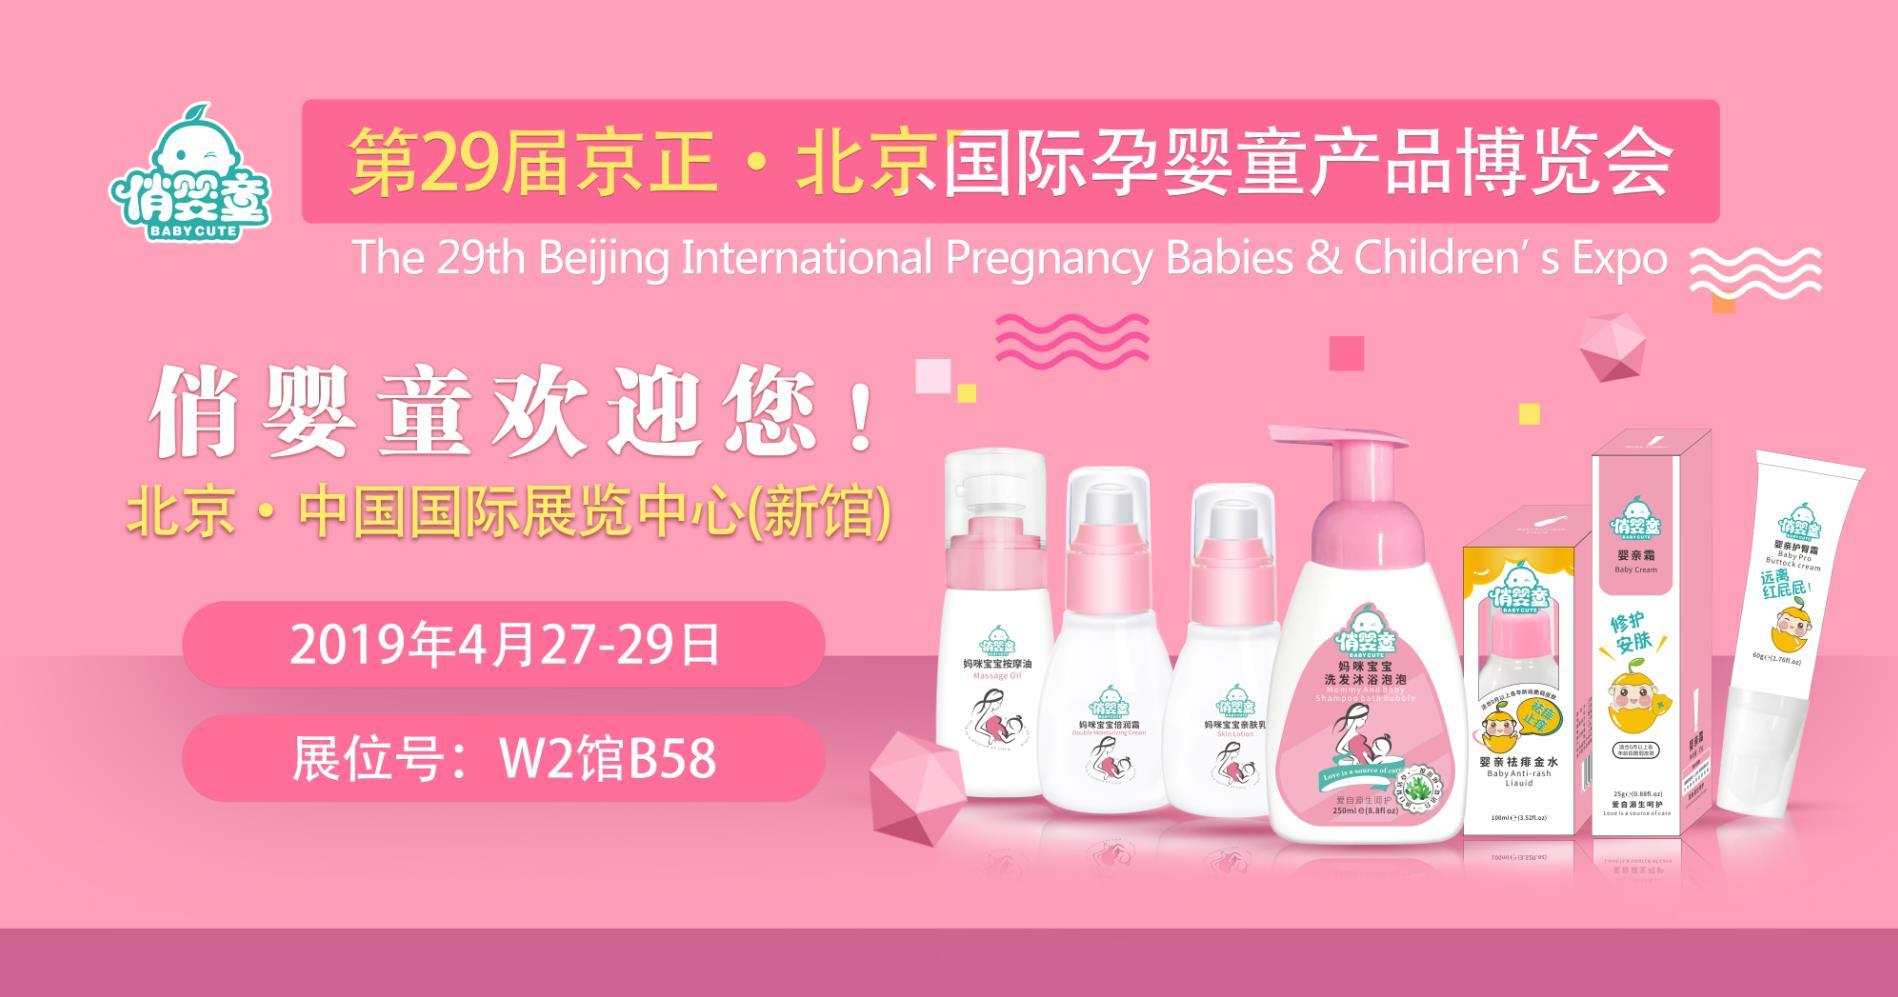 无香精洗护 俏婴童邀您共聚2019京正・北京国际孕婴童展